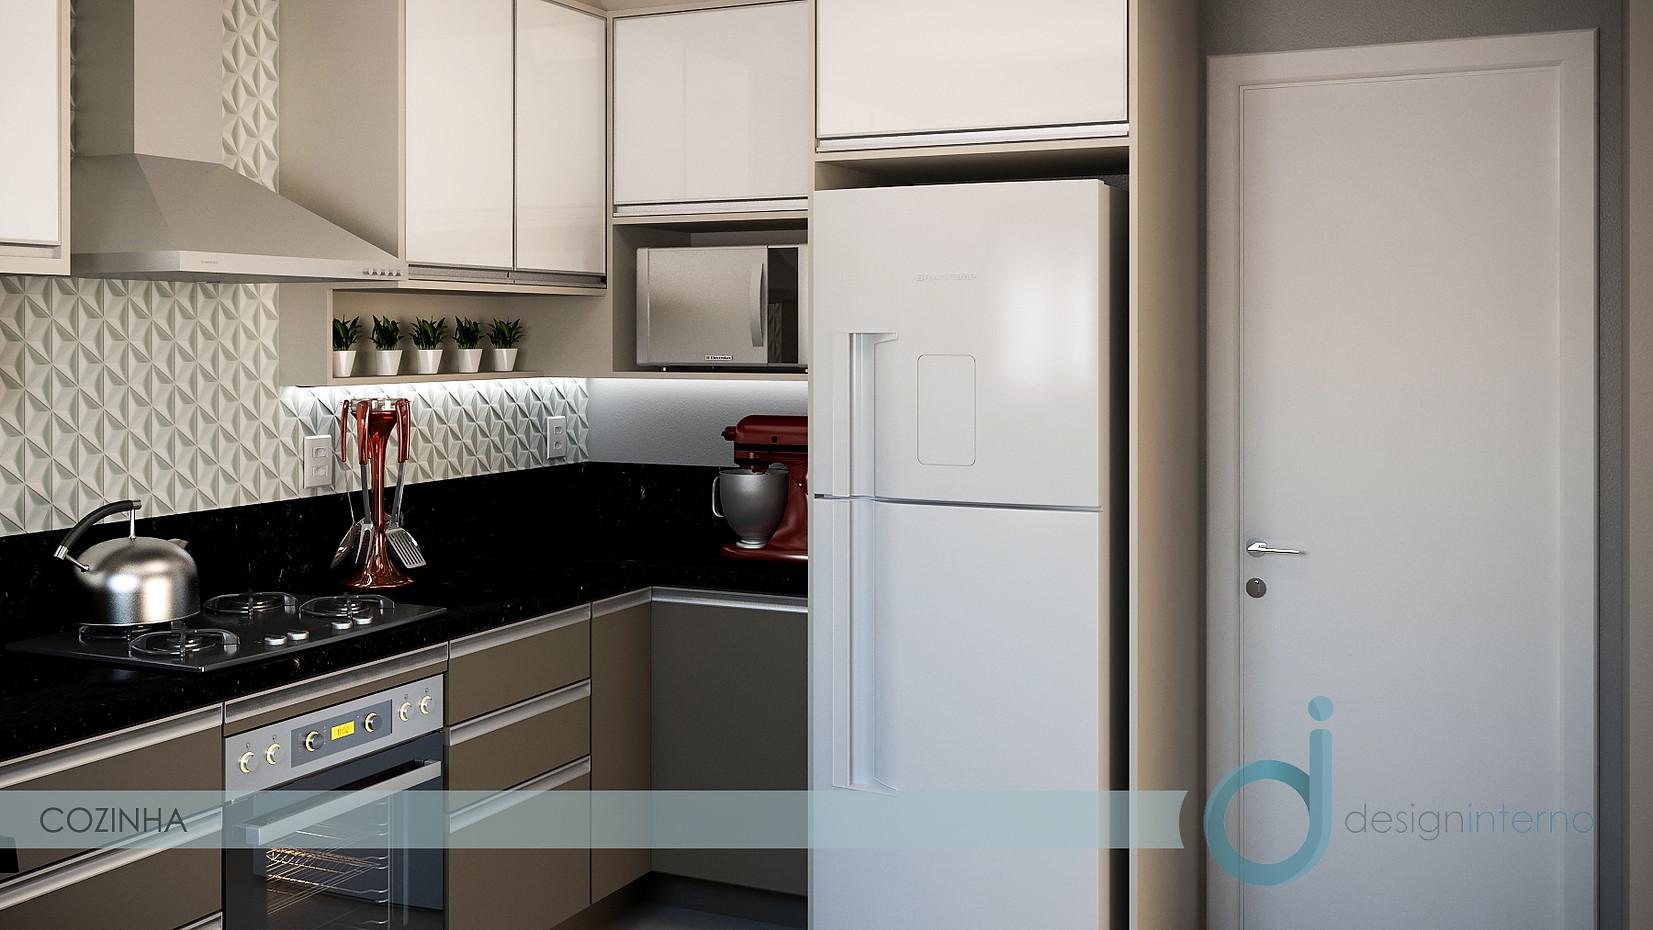 Cozinha_sob_medida_Designinterno_11.jpg